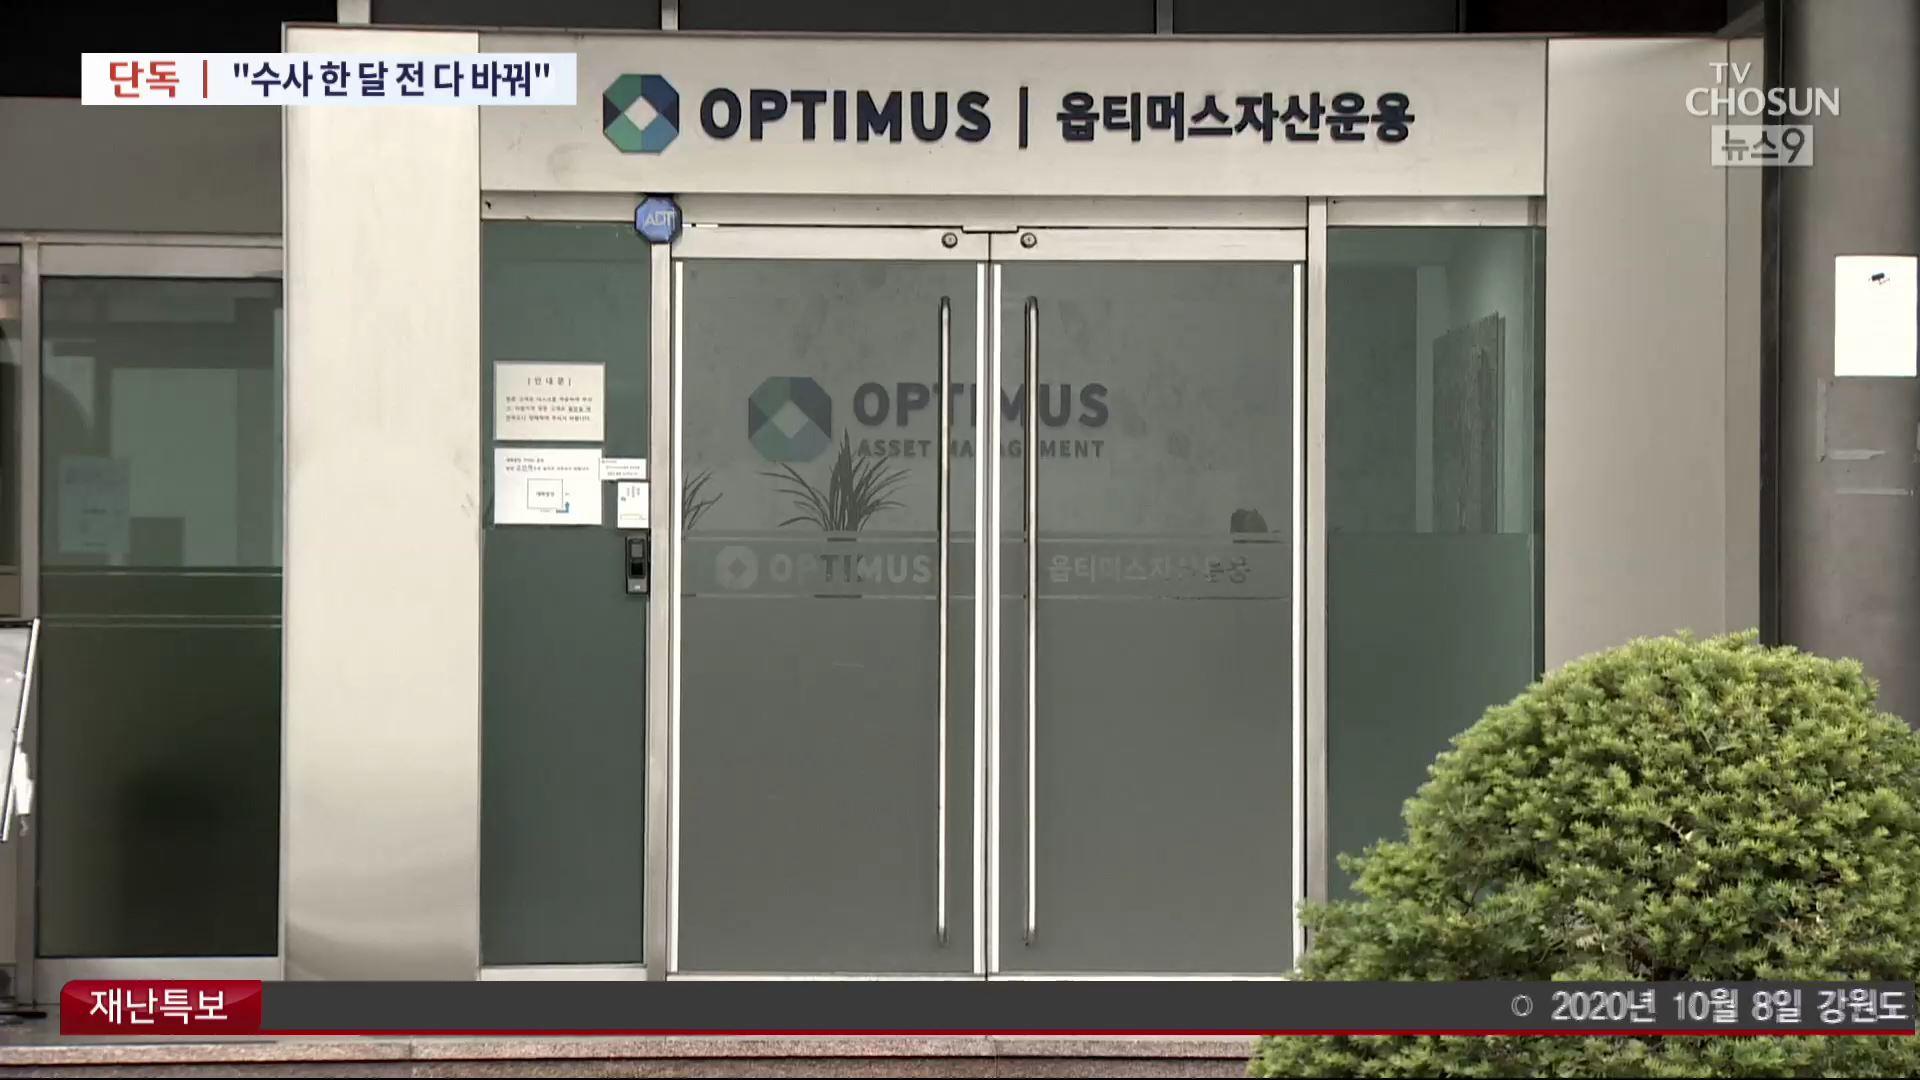 [단독] 옵티머스 직원 '檢 수사 한달전 경영진 휴대폰·PC 교체'